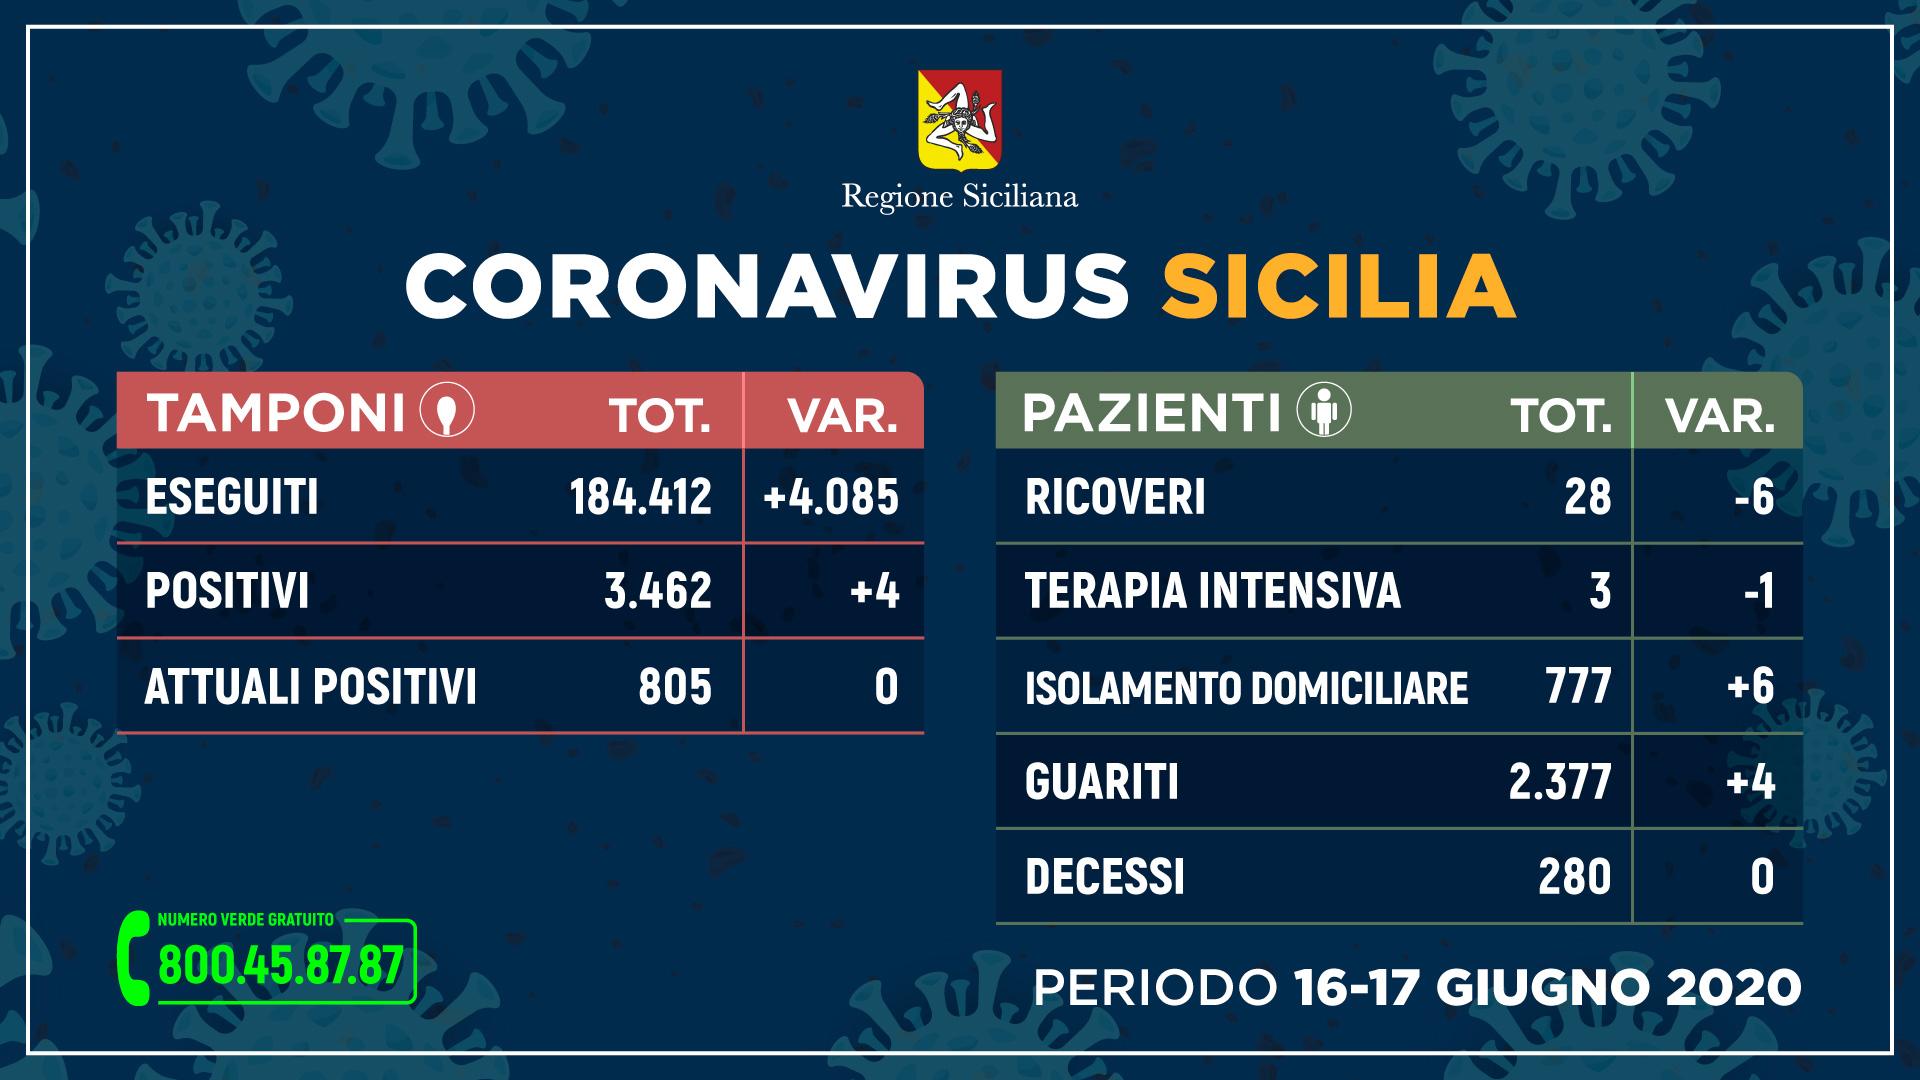 Coronavirus Sicilia, il dato del 17 giugno: situazione stabile solo 4 i nuovi casi